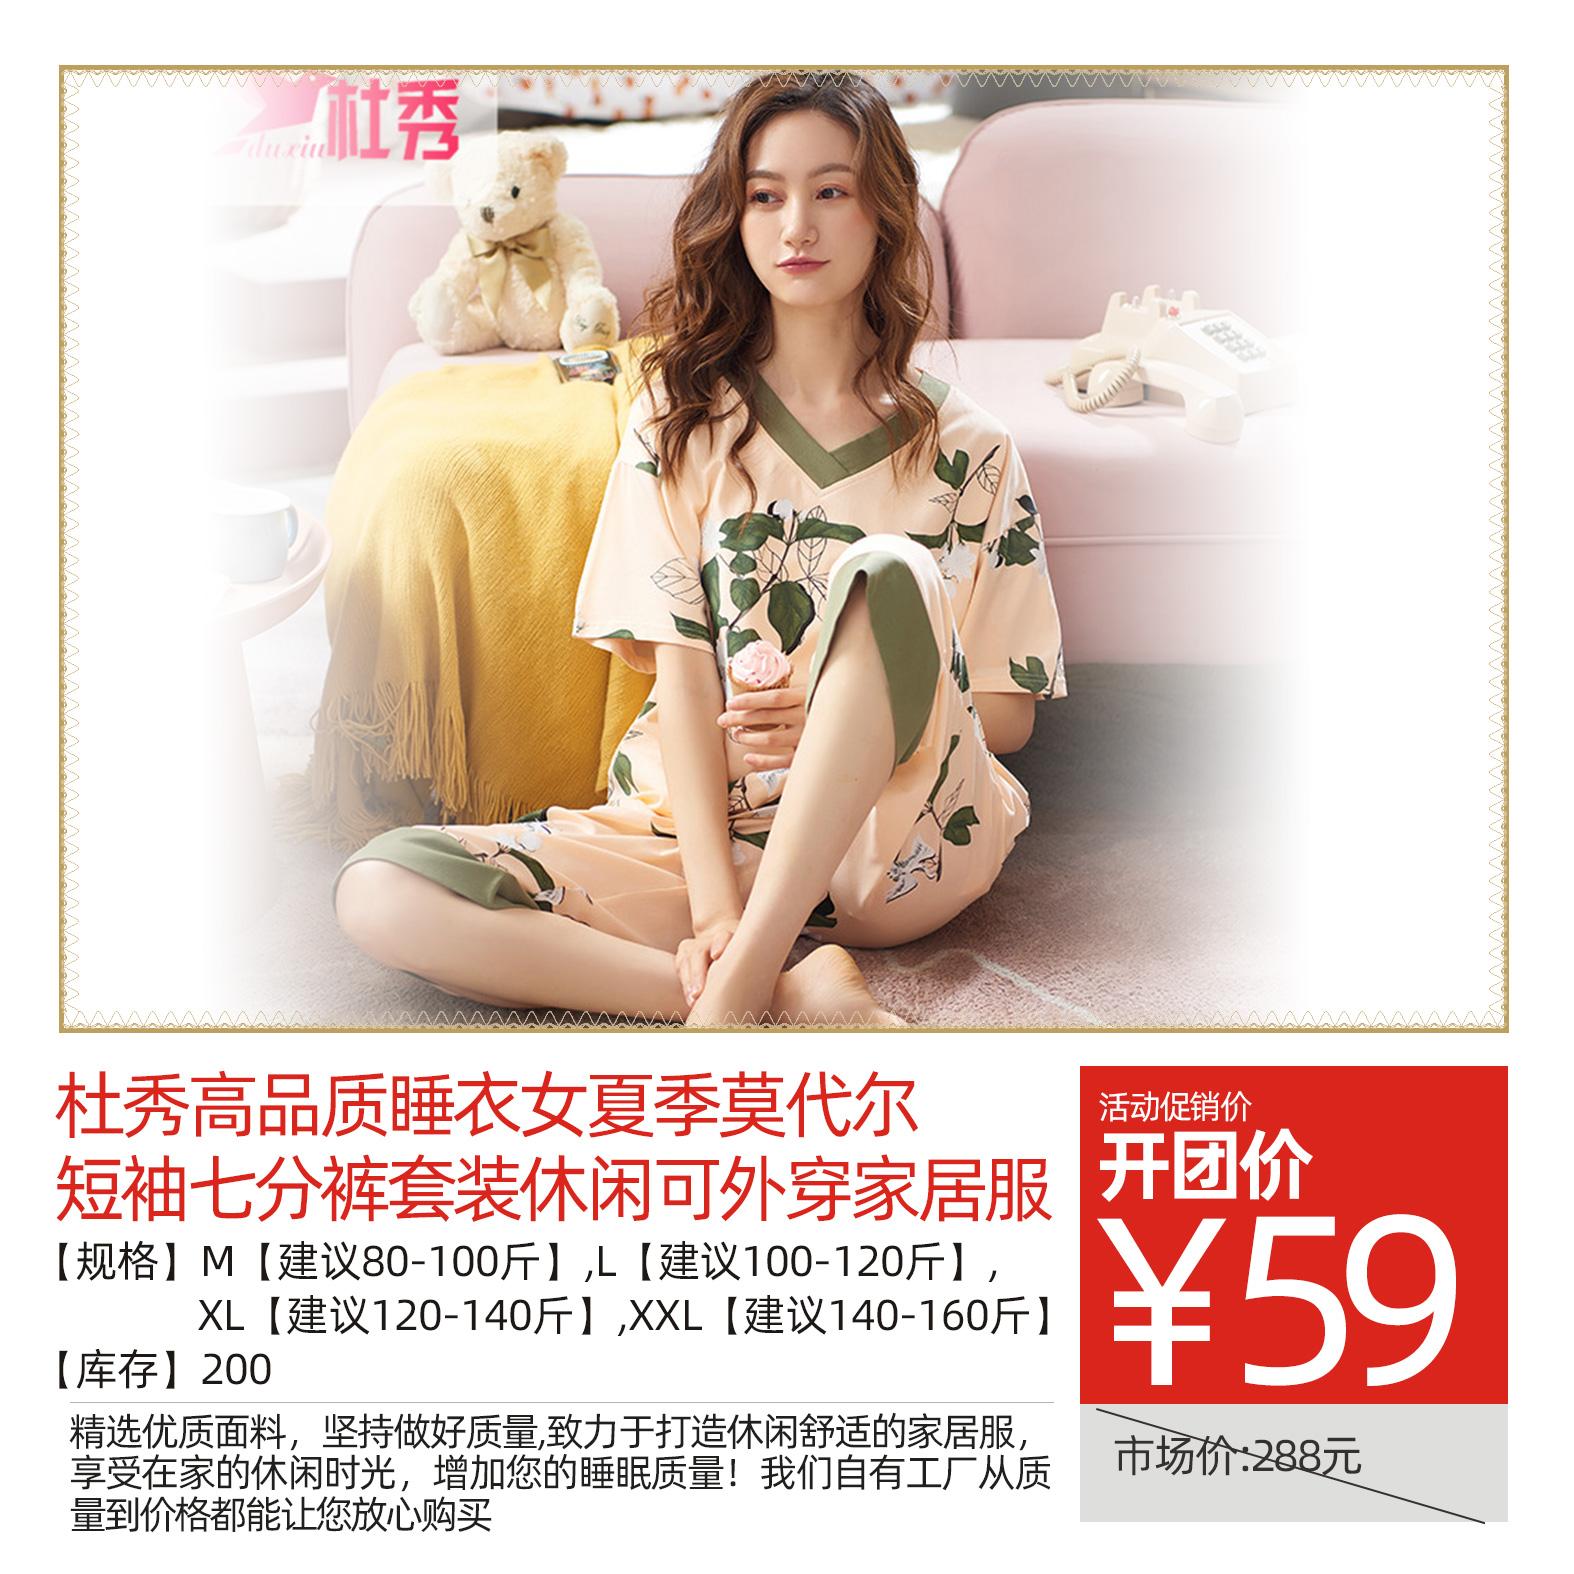 杜秀高品质睡衣女夏季莫代尔短袖七分裤套装休闲可外穿家居服